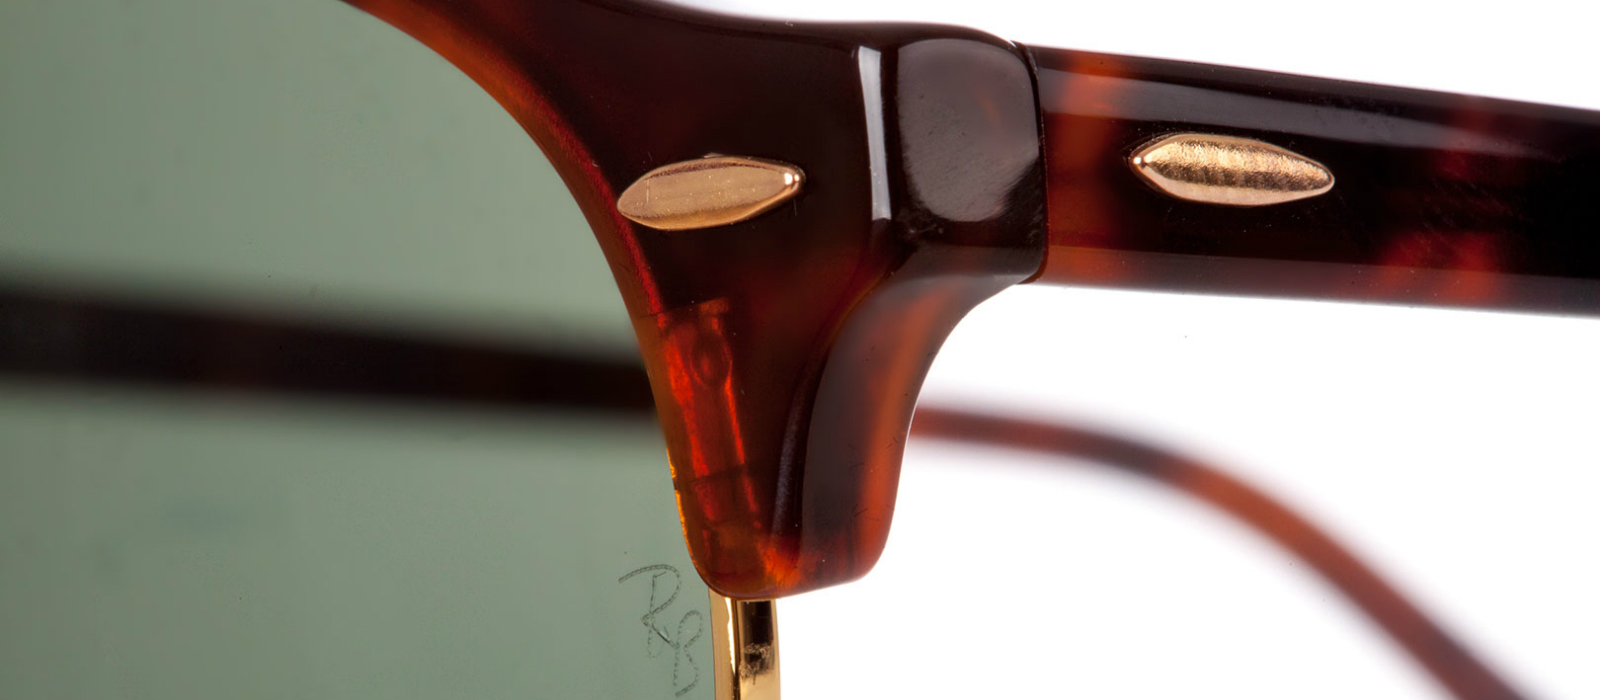 c9fcb58579 Cómo detectar gafas de sol Ray-Ban falsas: guía detallada de 5 pasos ...